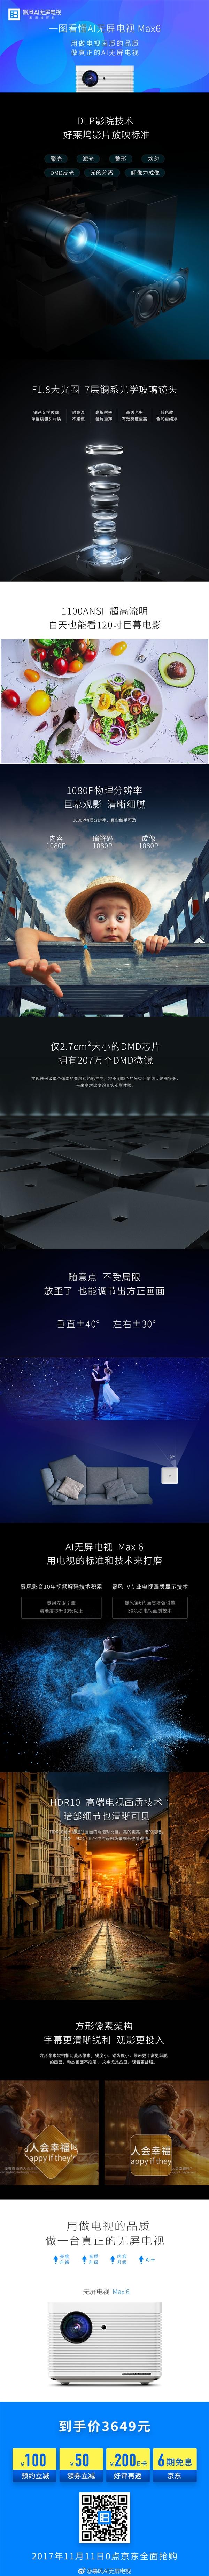 3999元 暴风发布AI无屏电视Max6 支持120寸巨幕的照片 - 12